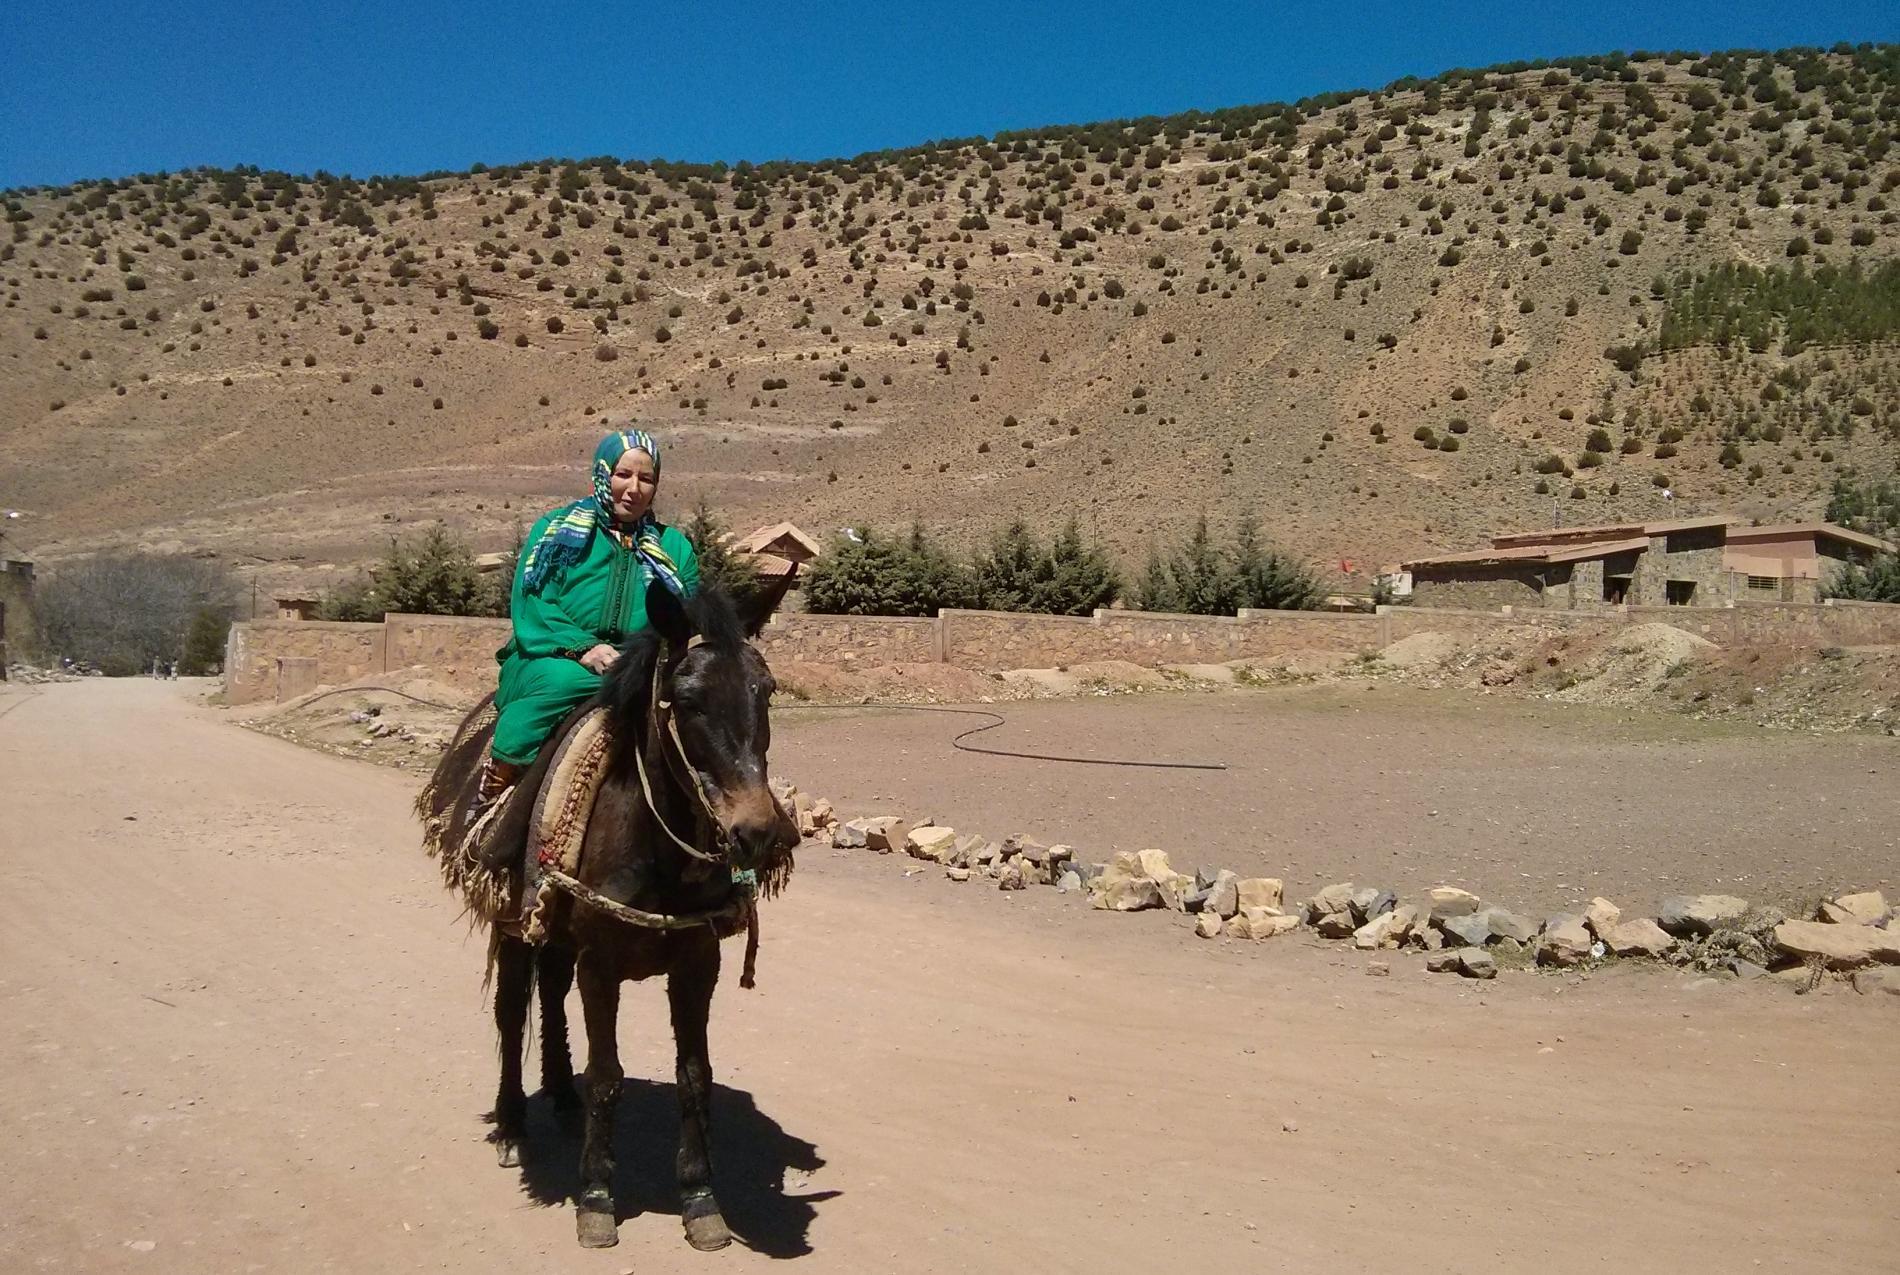 Voyage solidaire Maroc : Vision du Monde - Photo 9